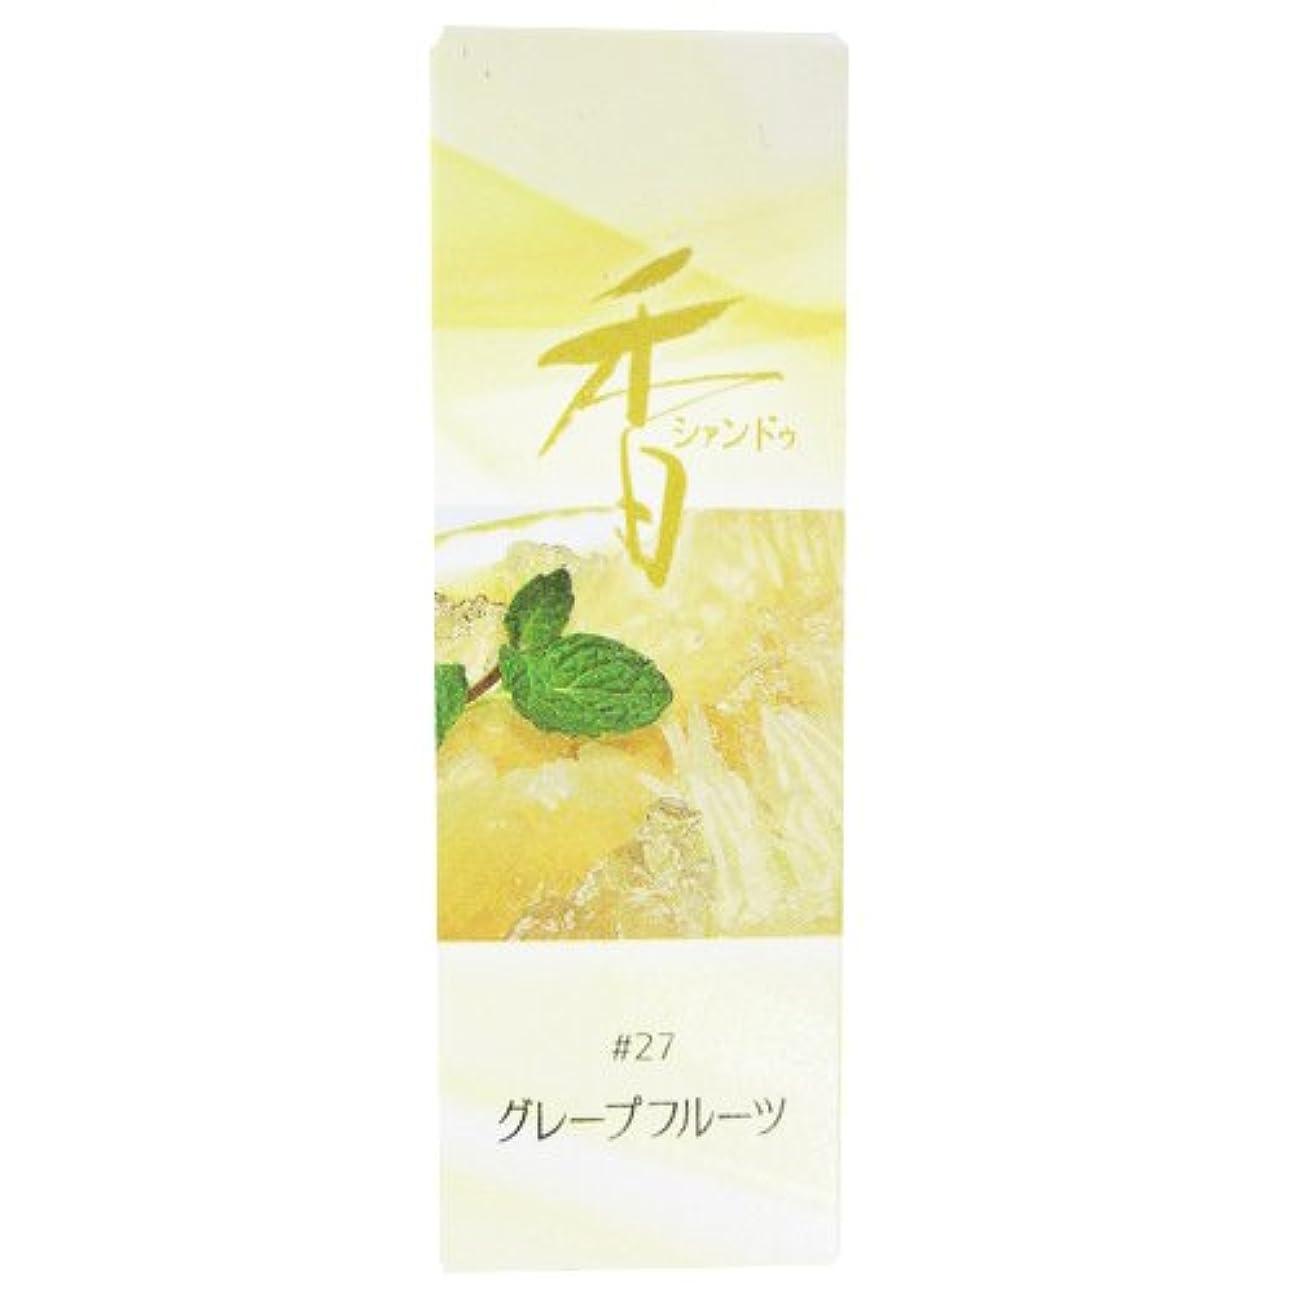 日焼け性交省略する松栄堂のお香 Xiang Do(シャンドゥ) グレープフルーツ ST20本入 簡易香立付 #214227